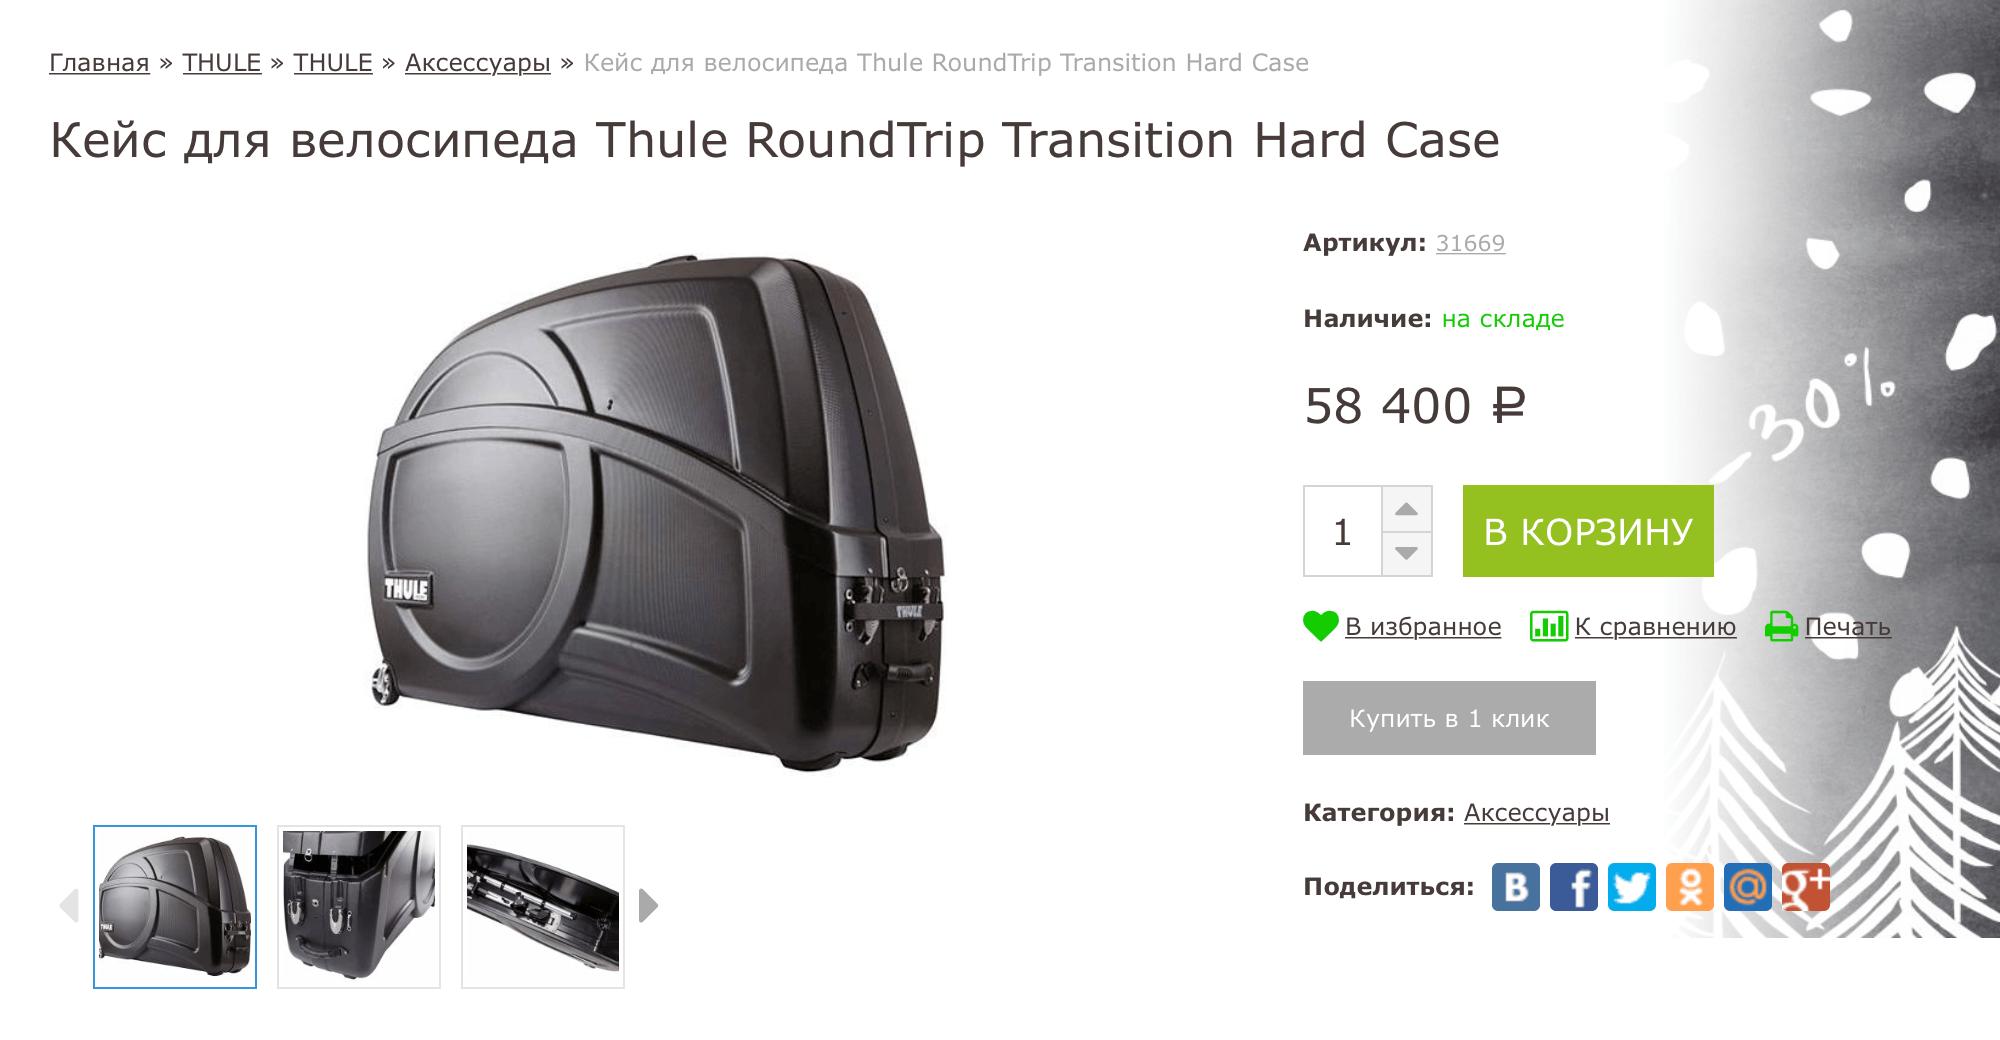 Кофр — это большой чемодан странной формы. Он удобный, но дорогой